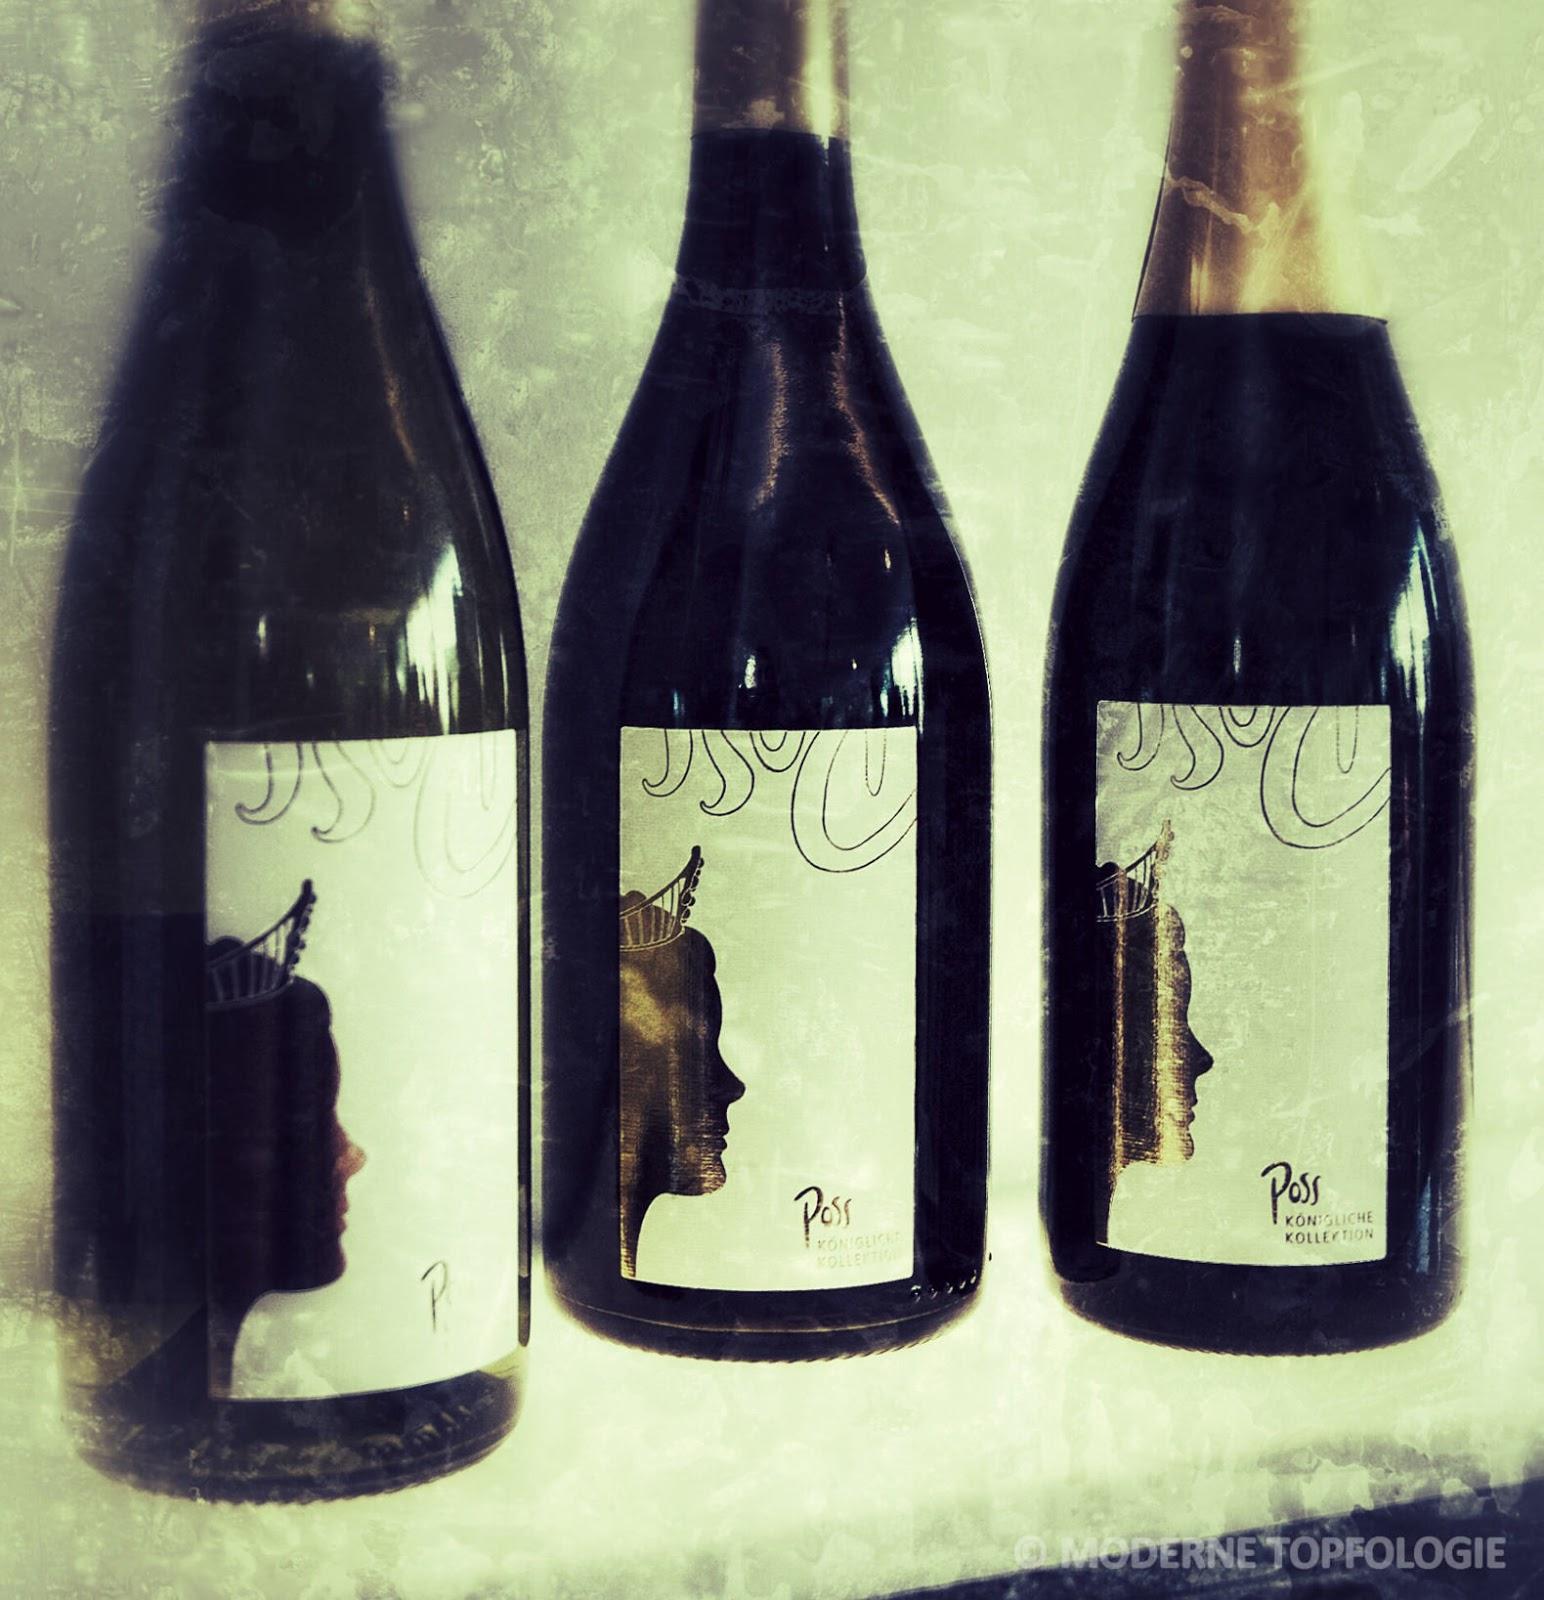 Drei Weine der Koeniglichen Kollektion der Deutschen Weinkoenigin 2013 / 2014 Nadine Poss